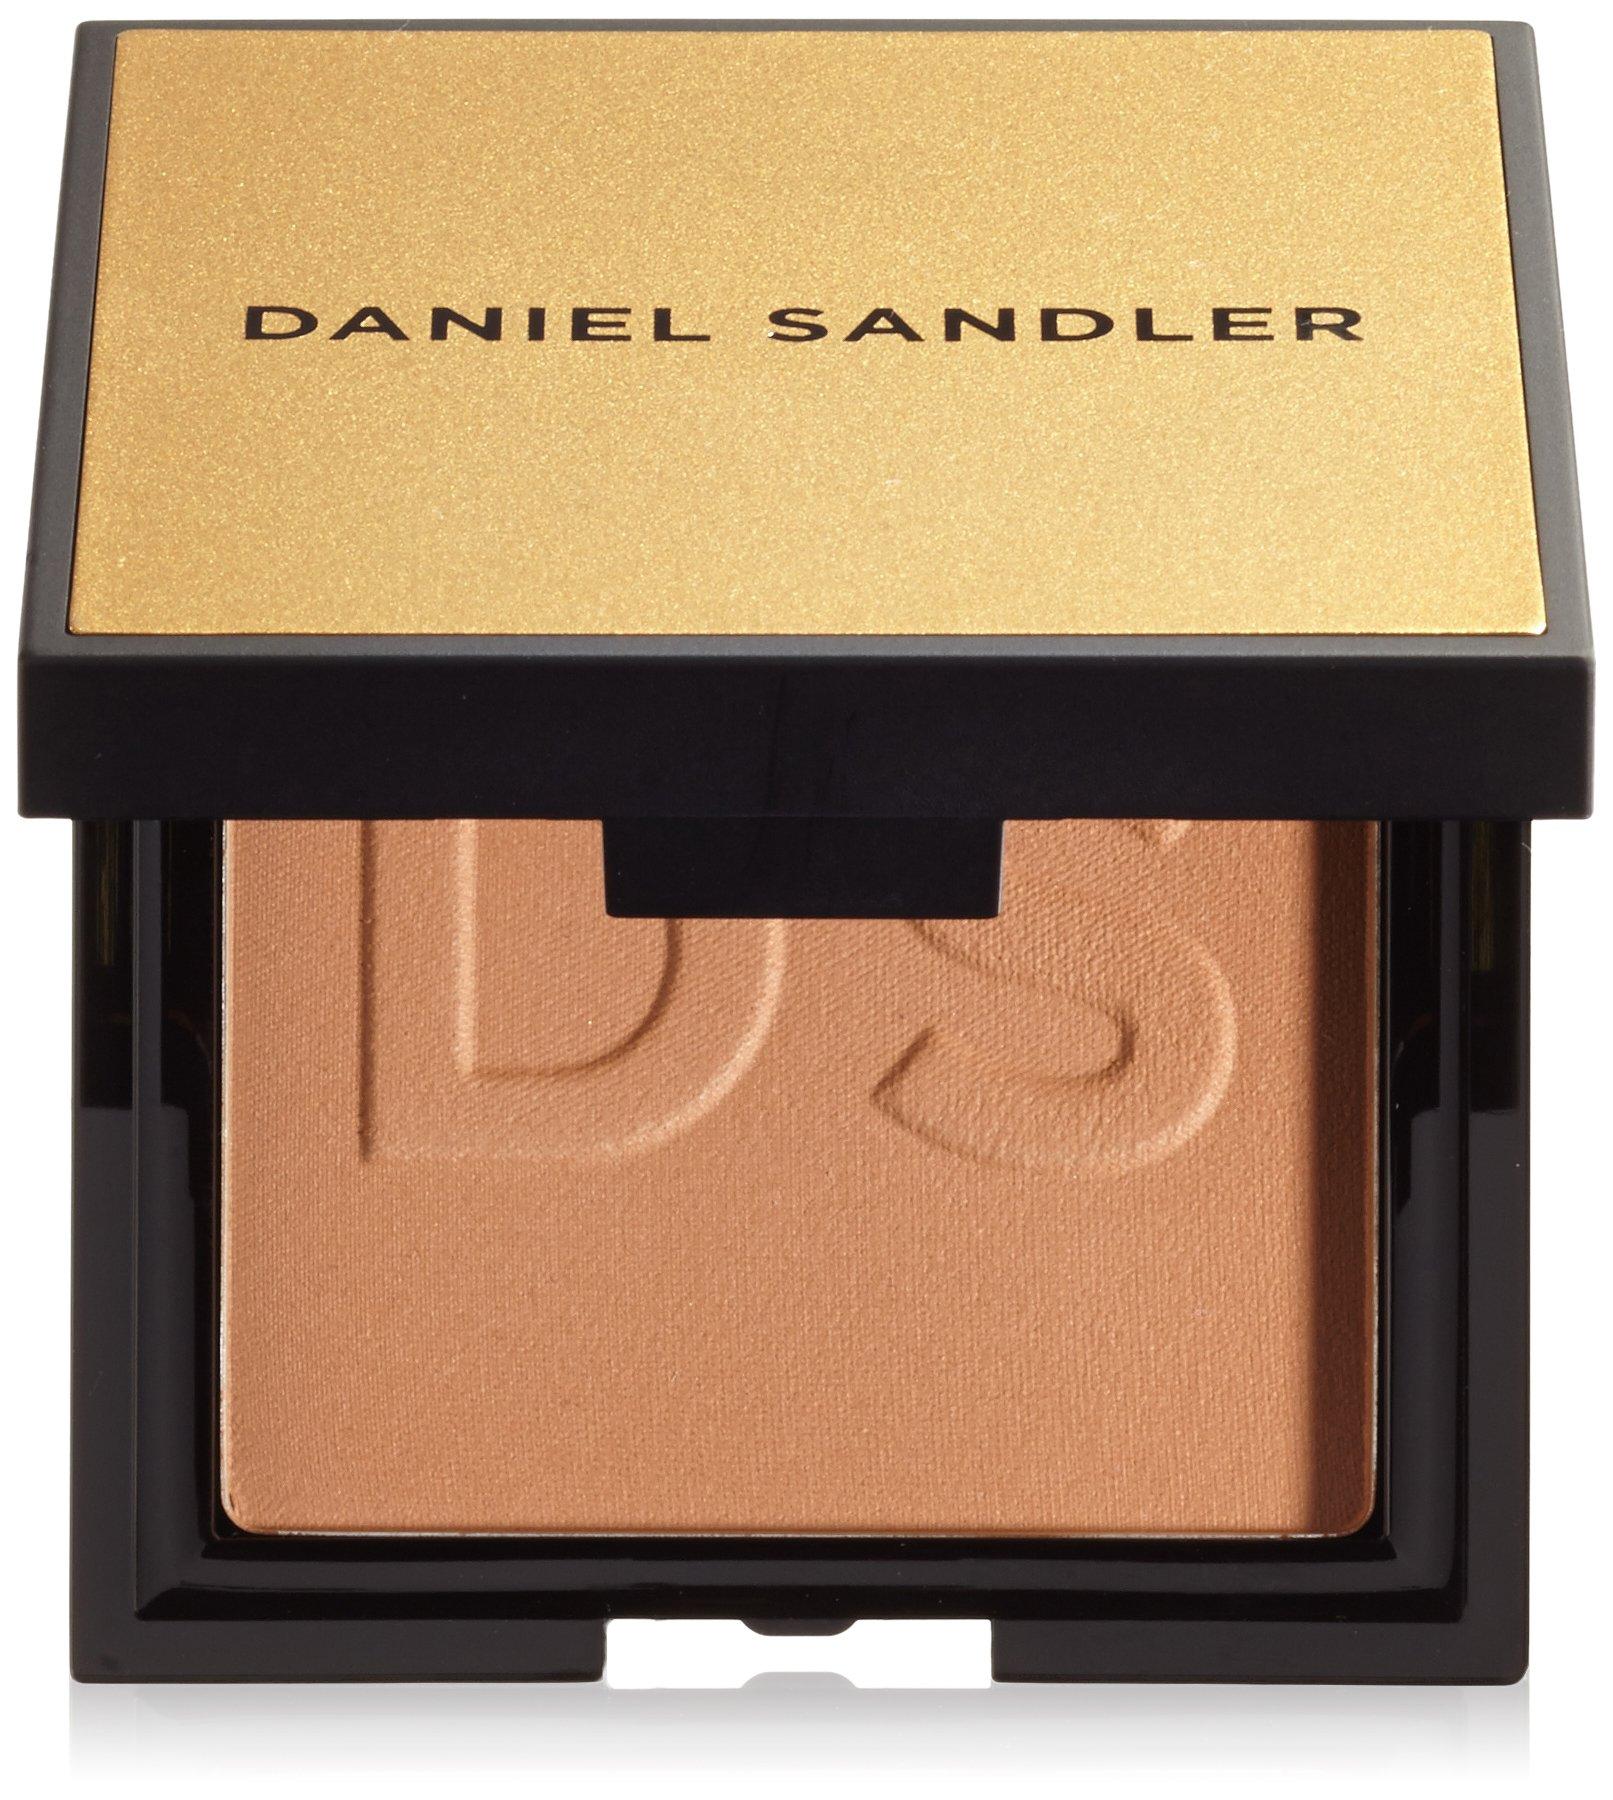 Daniel Sandler Instant Tan